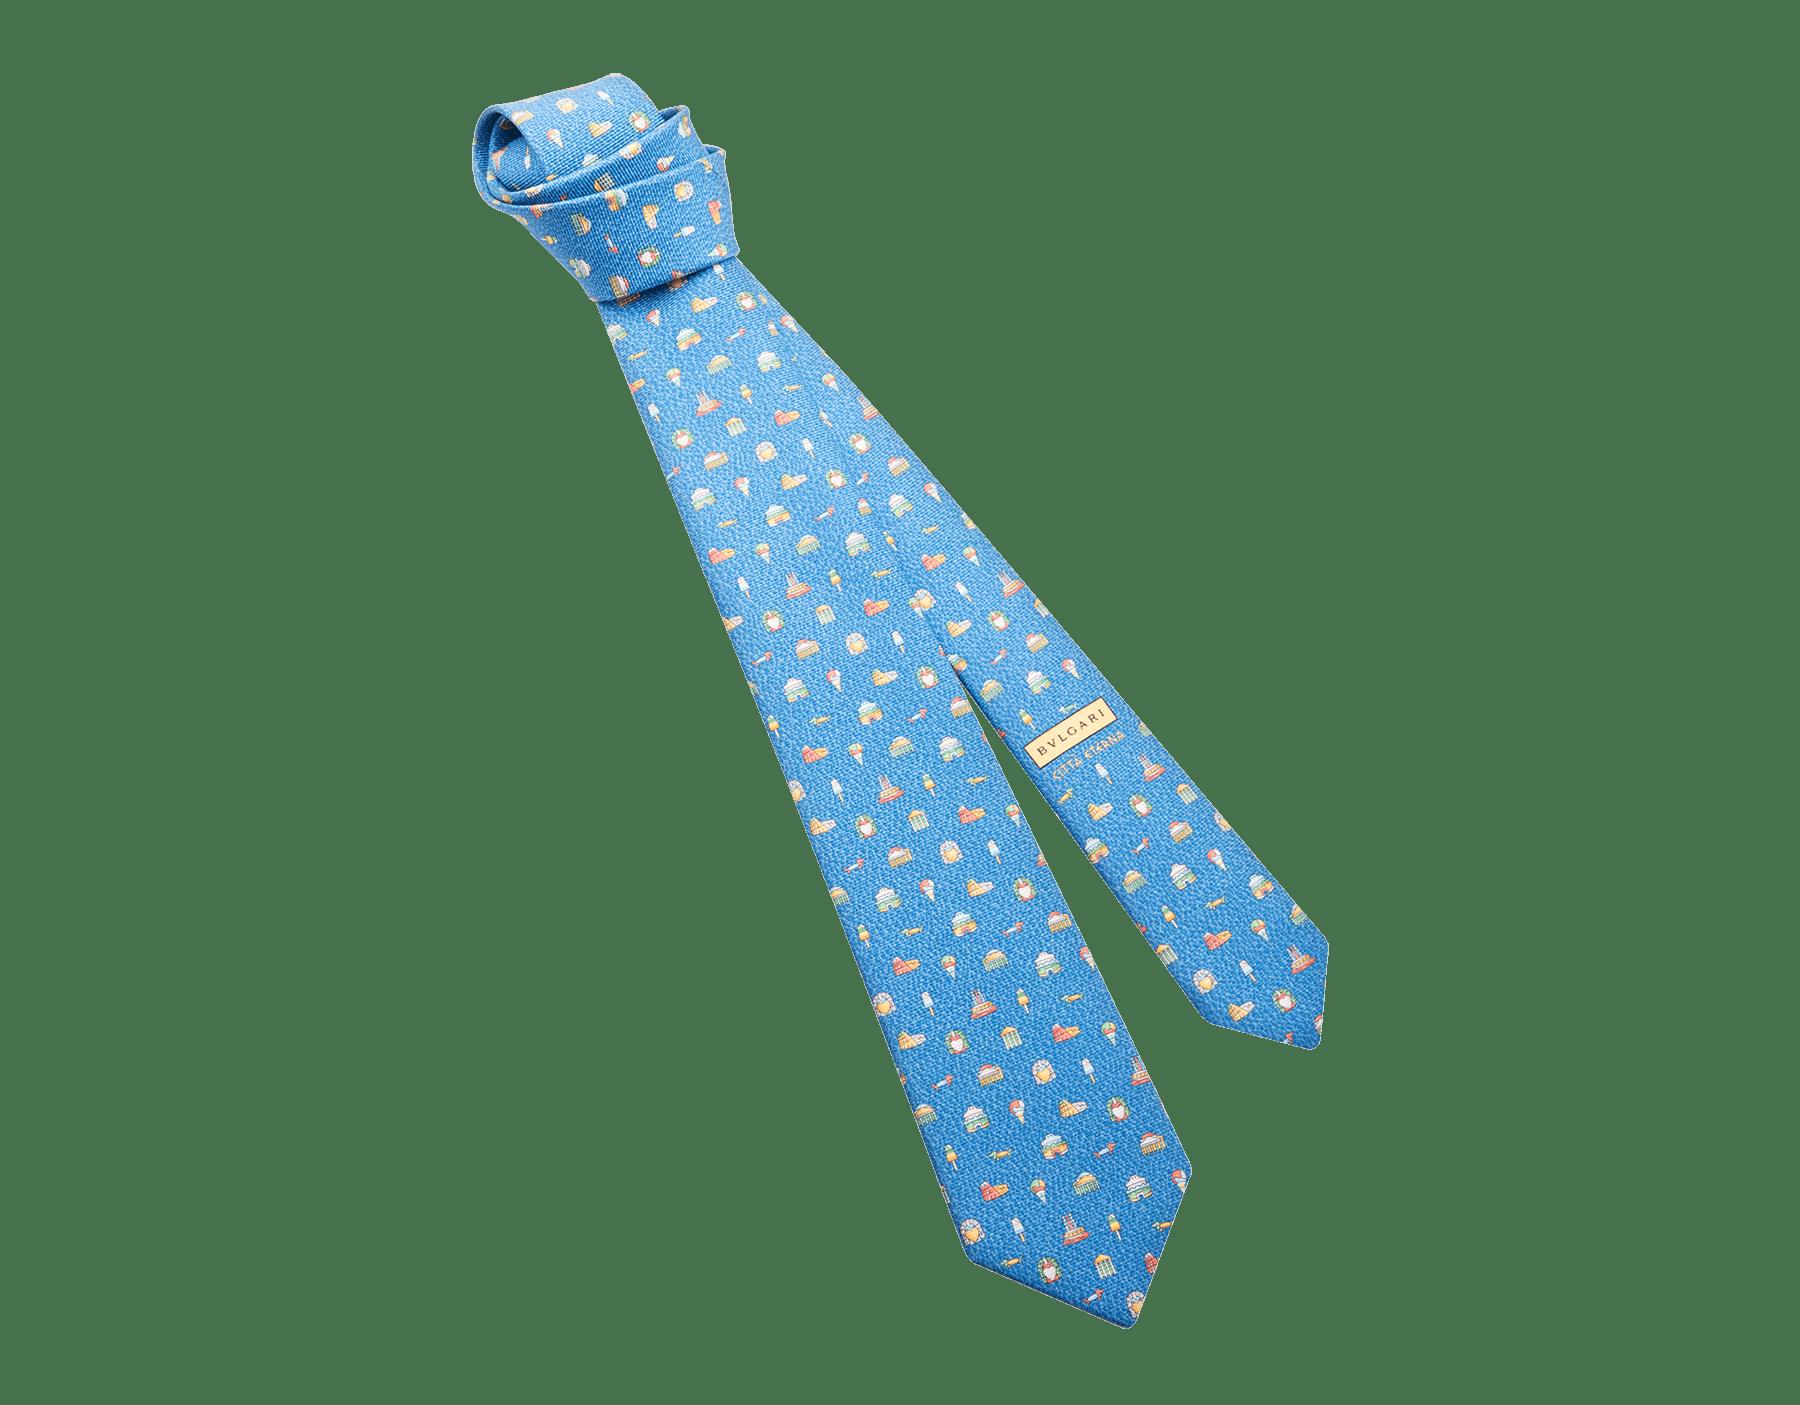 ライトブルーのチッタ エテルナ セブンフォールドネクタイ。上質なサリオーネプリントシルク製。 244352 image 1